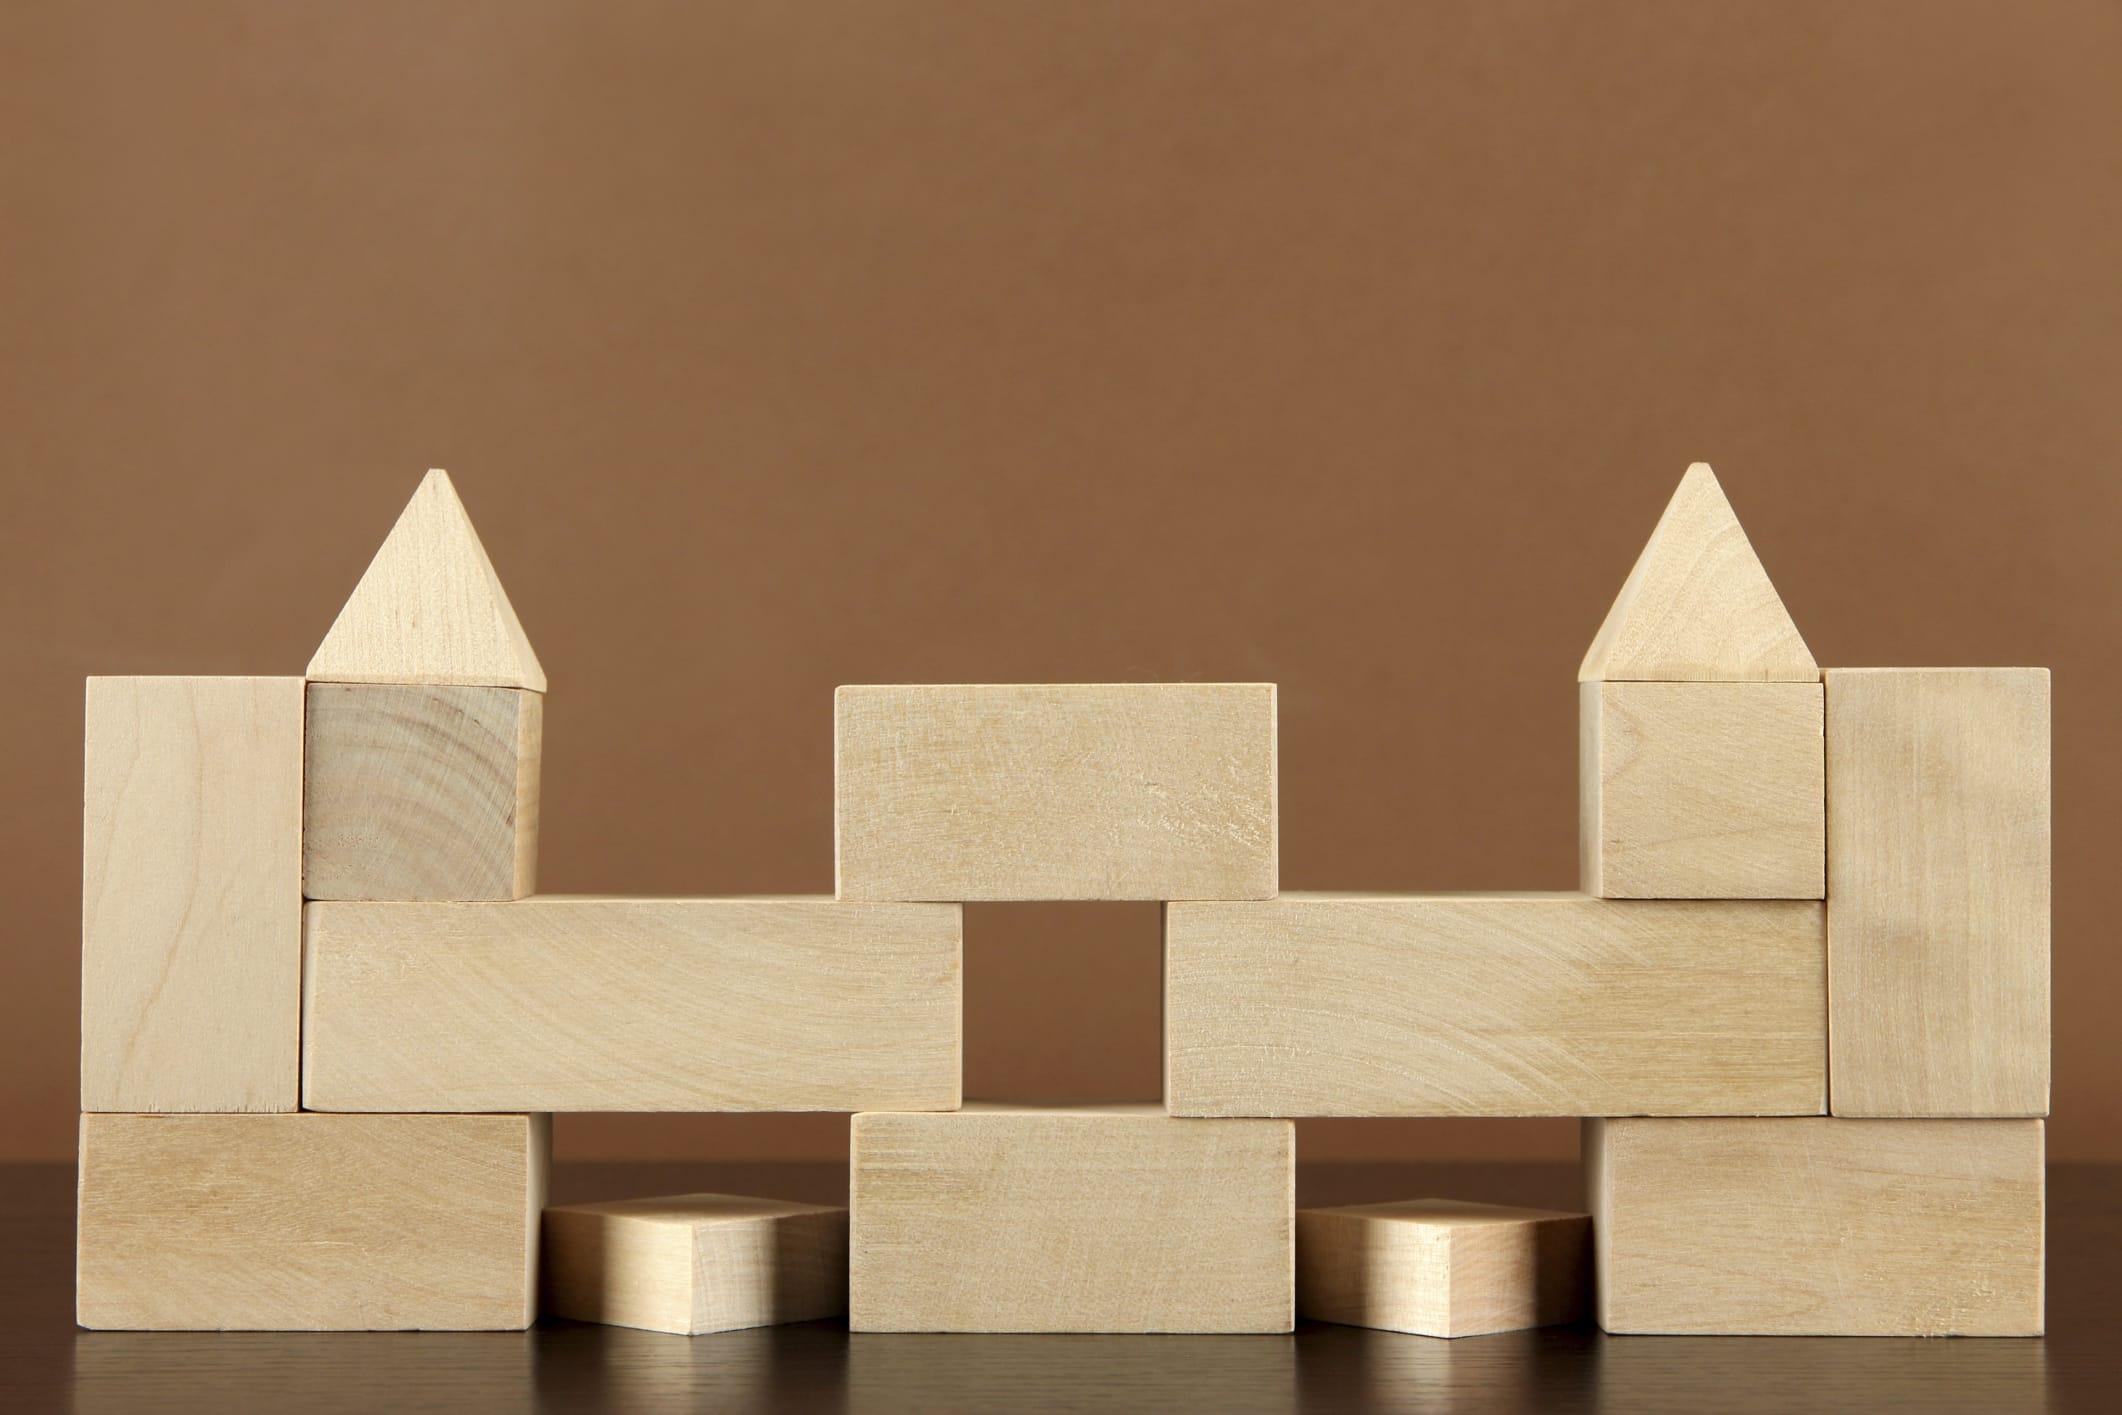 Costruzioni in legno per bambini aiutano sviluppo for Costruzioni in legno